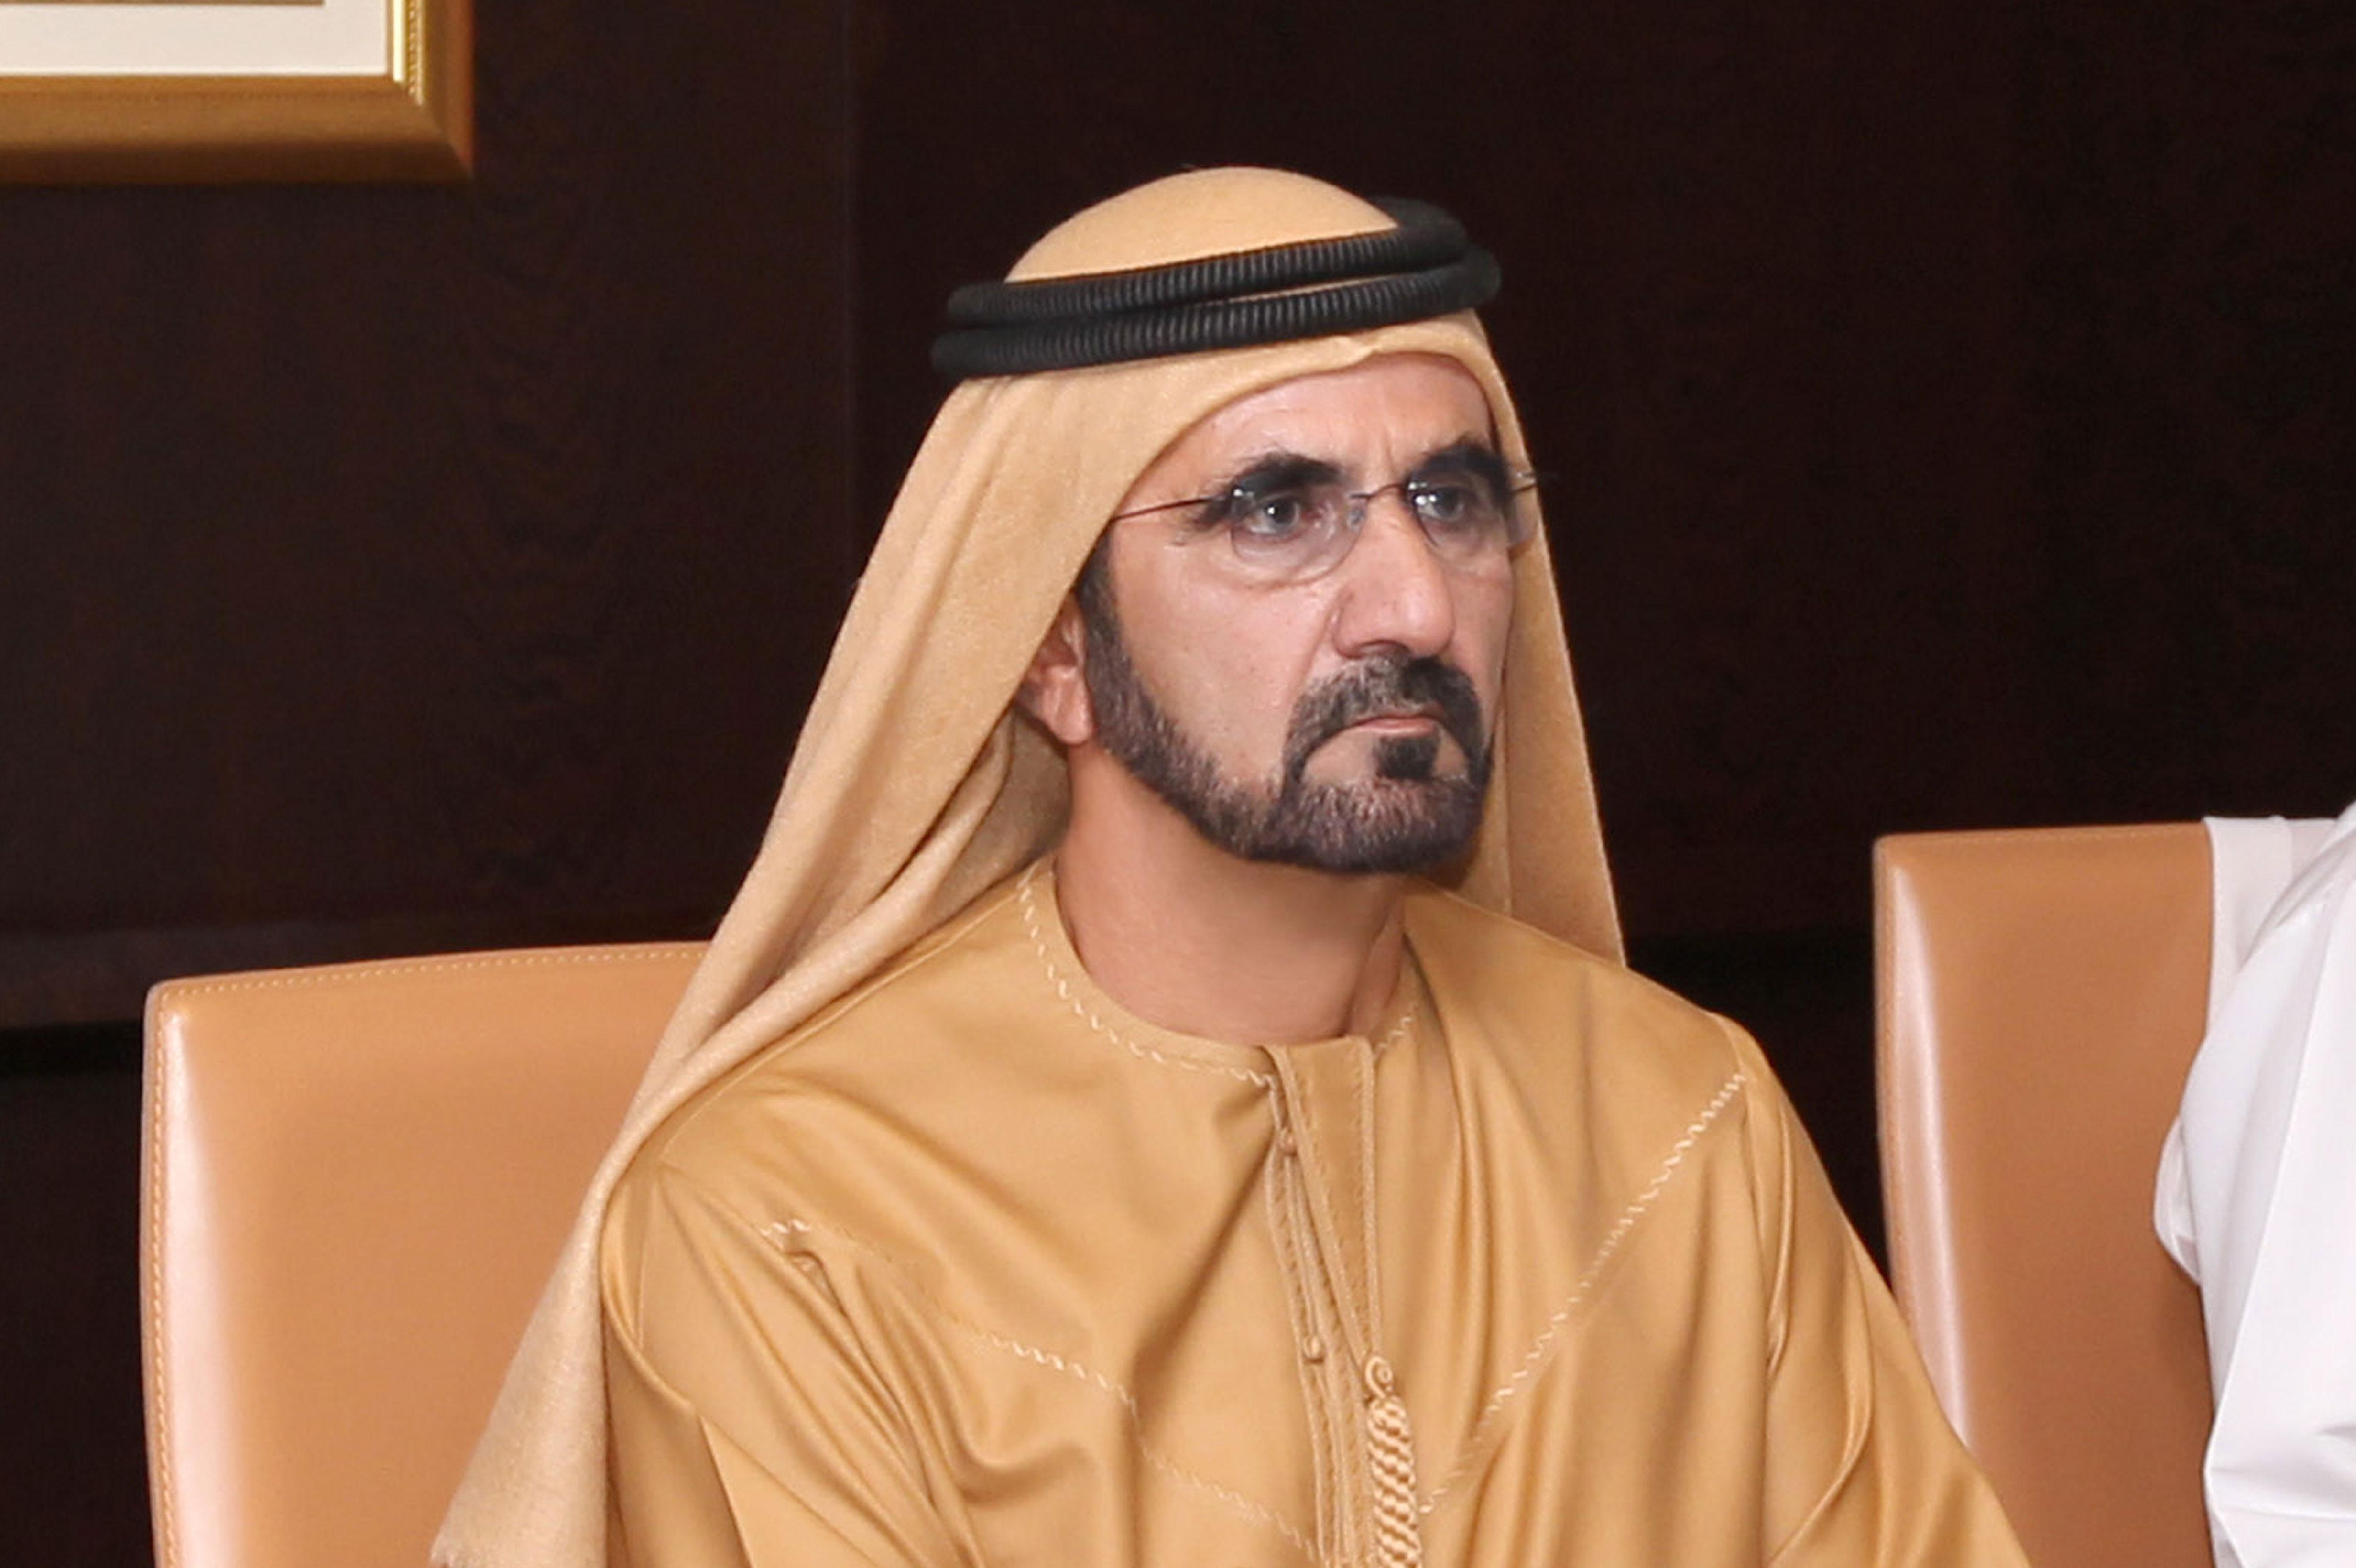 صاحب السمو الشيخ محمد بن راشد آل مكتوم - قيادة مؤثرة عالمياً